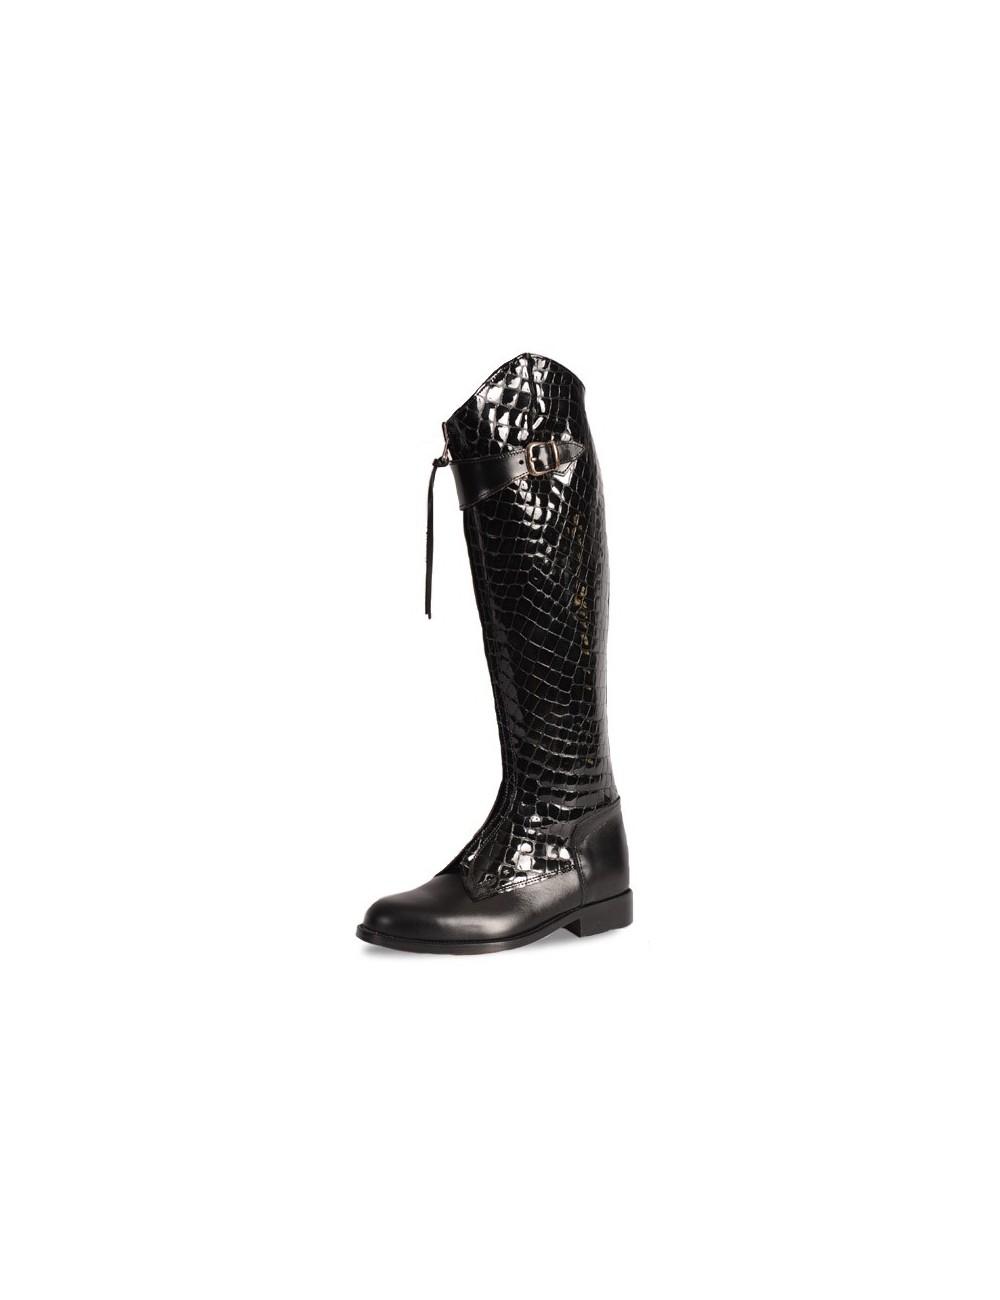 Bottes equitation cuir noir et croco sur mesure - Bottes équitation sur